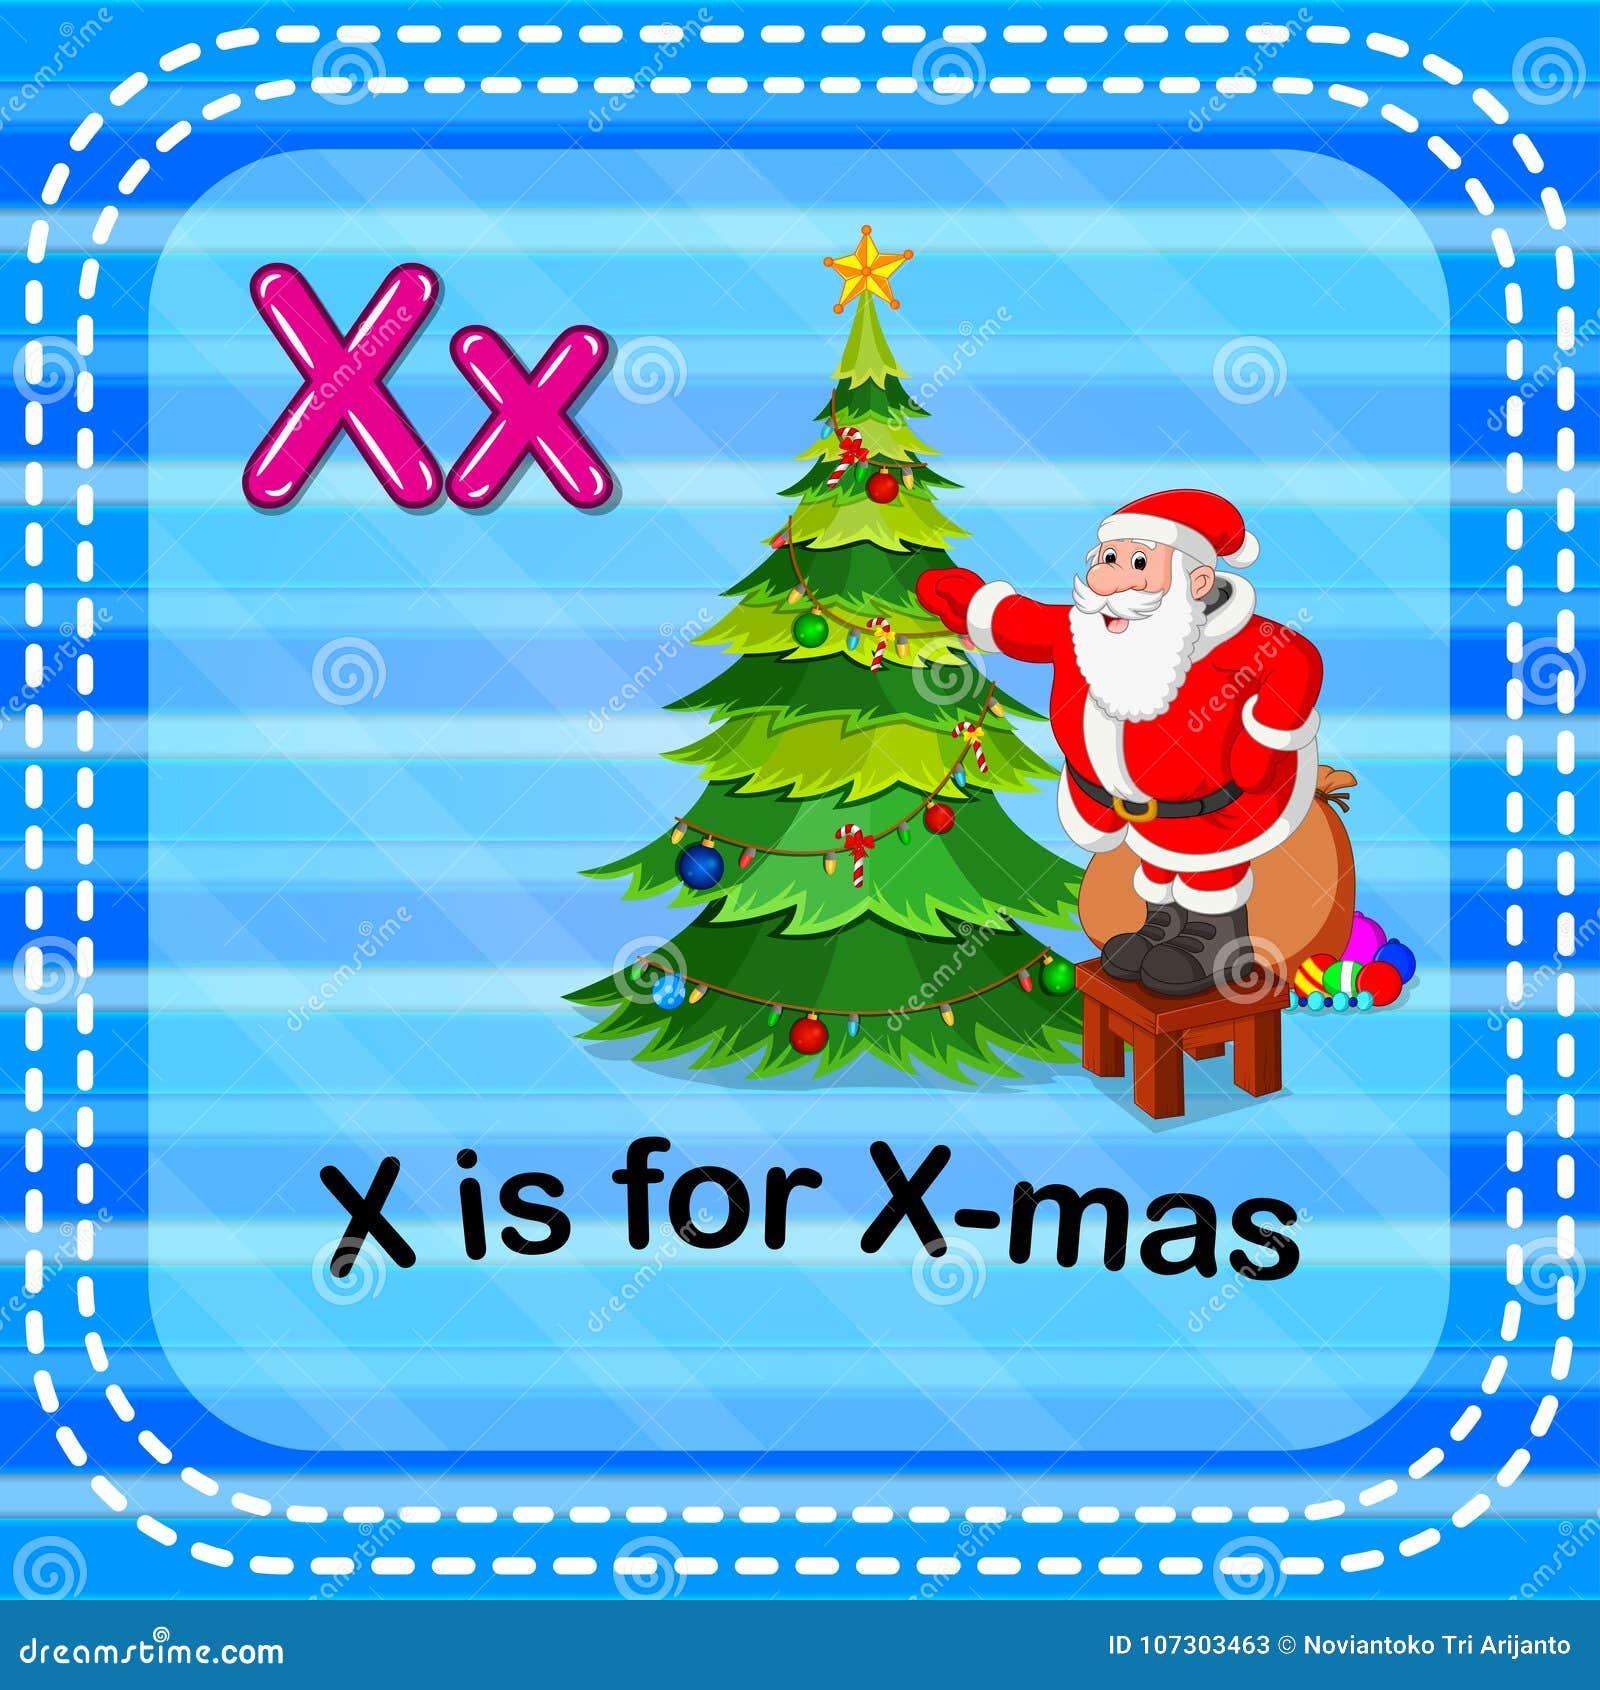 Η επιστολή Χ Flashcard είναι για τα Χριστούγεννα